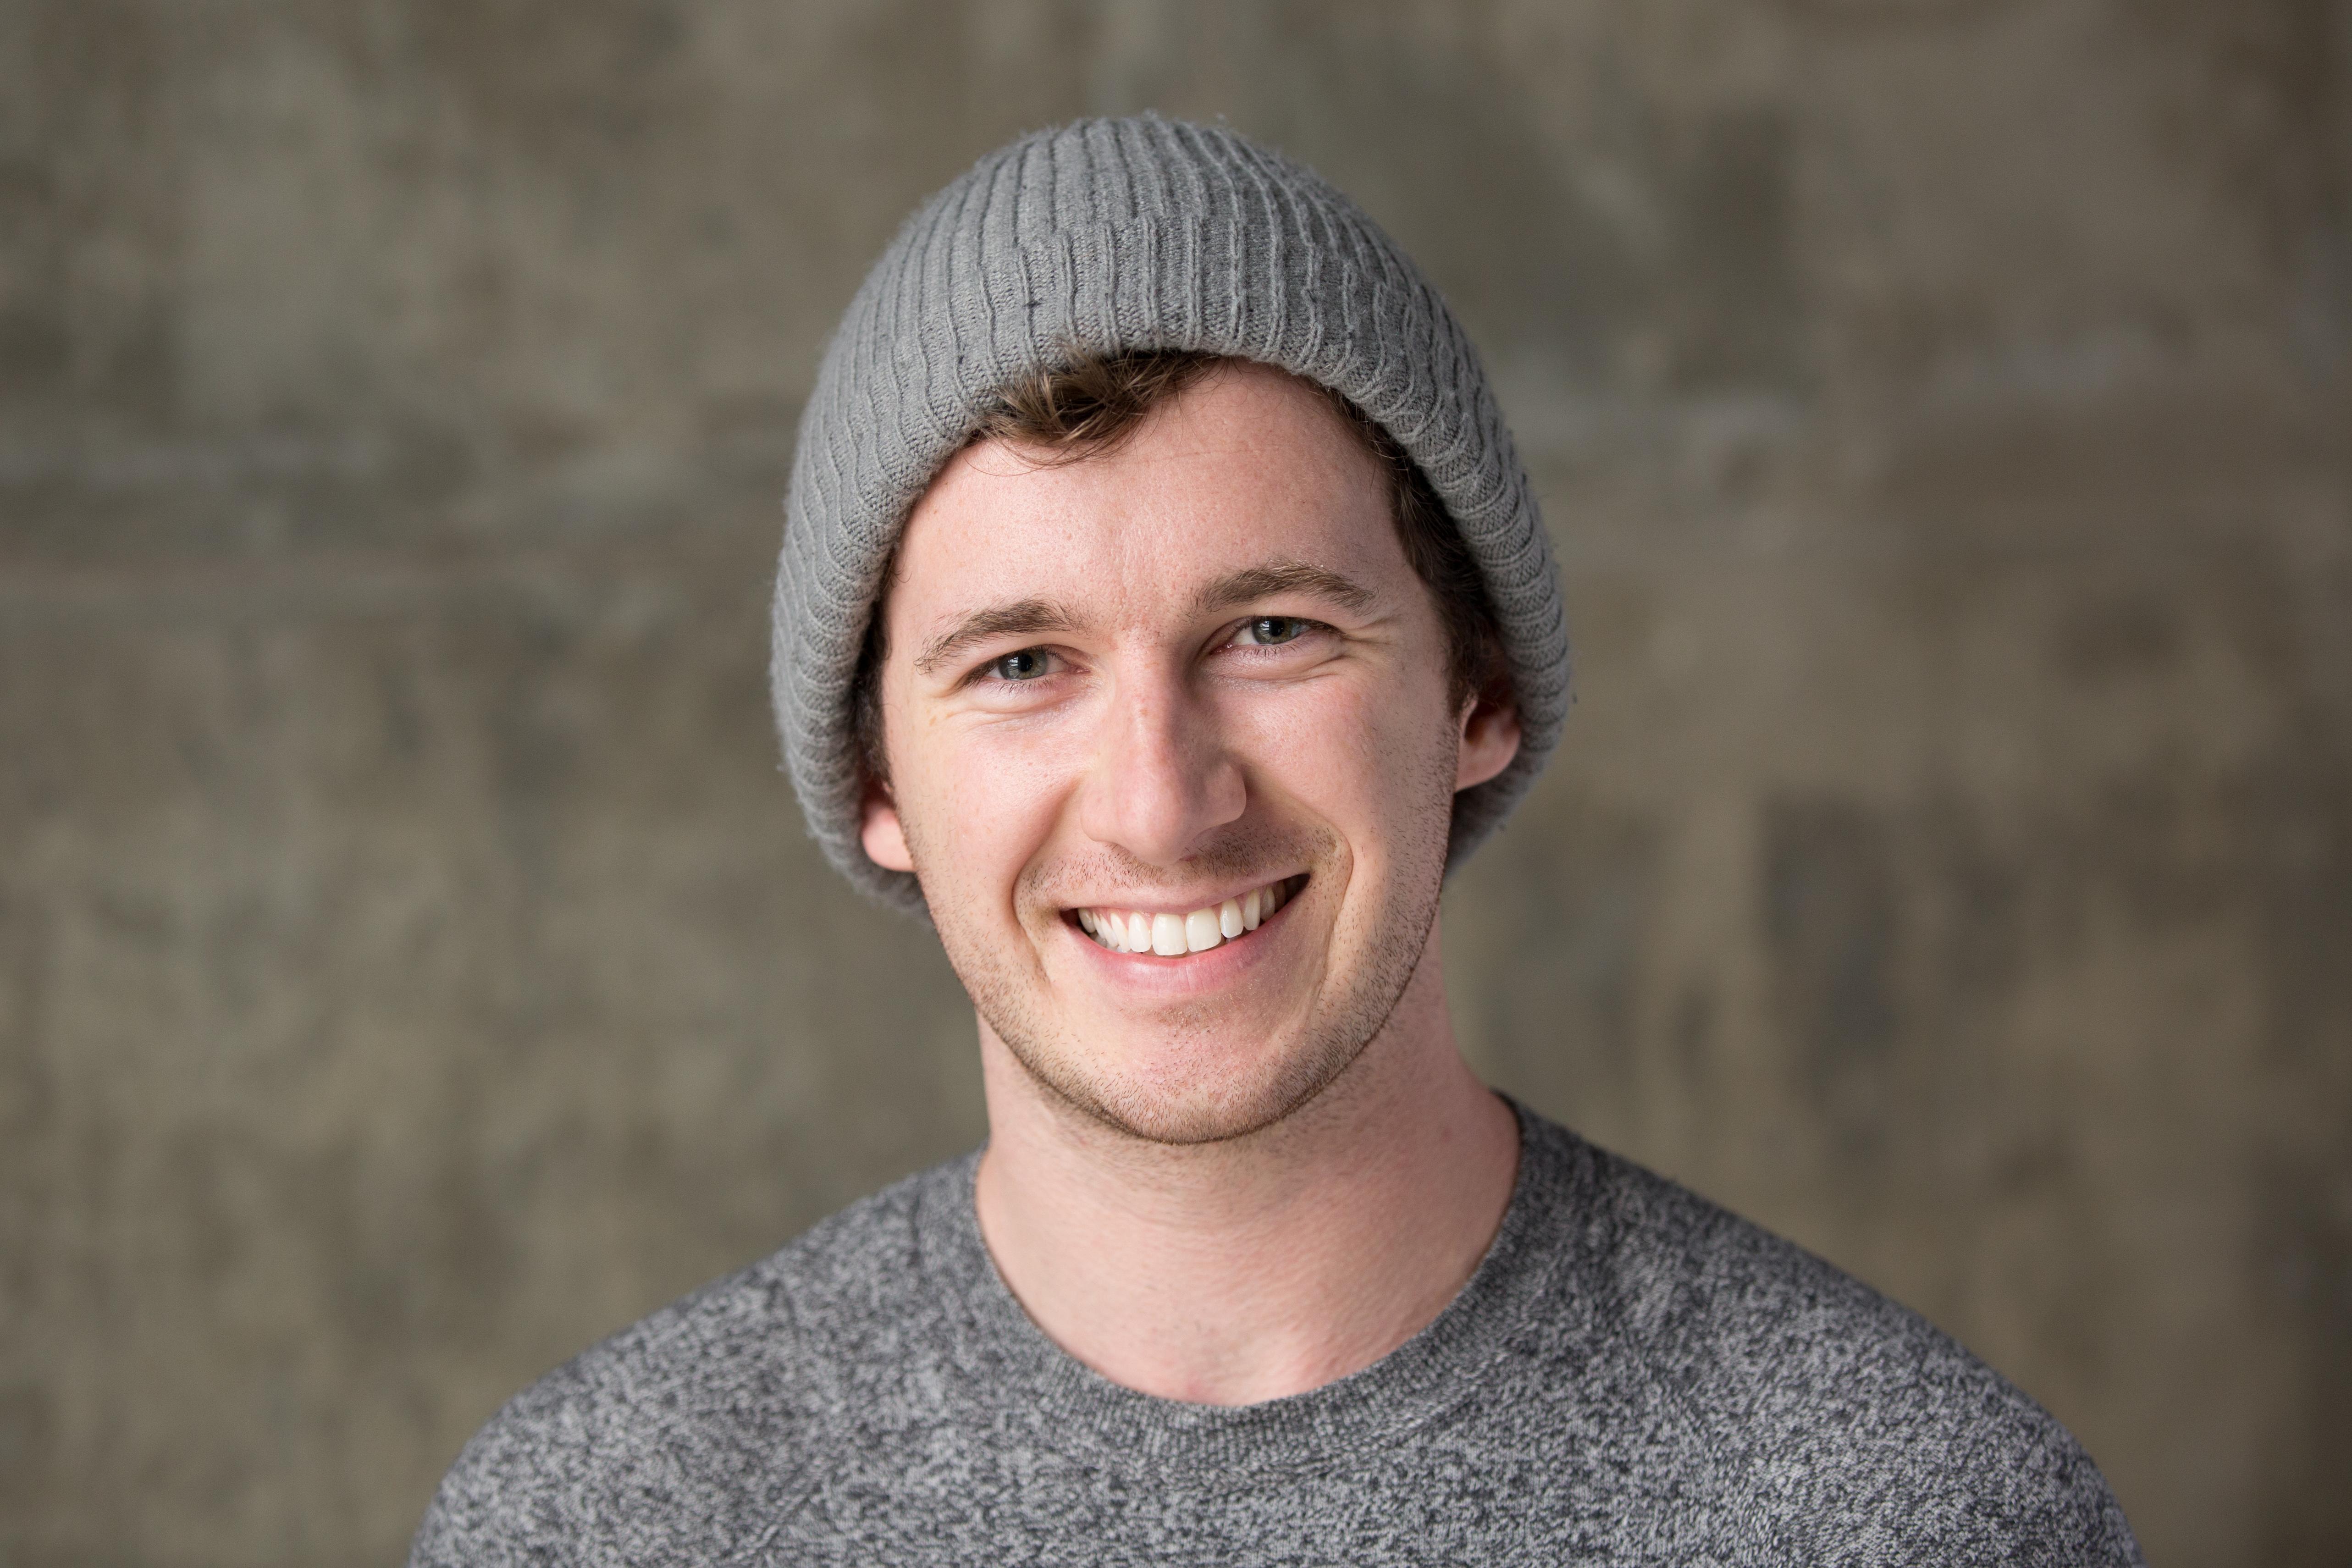 An image of Tyler Rabinowitz